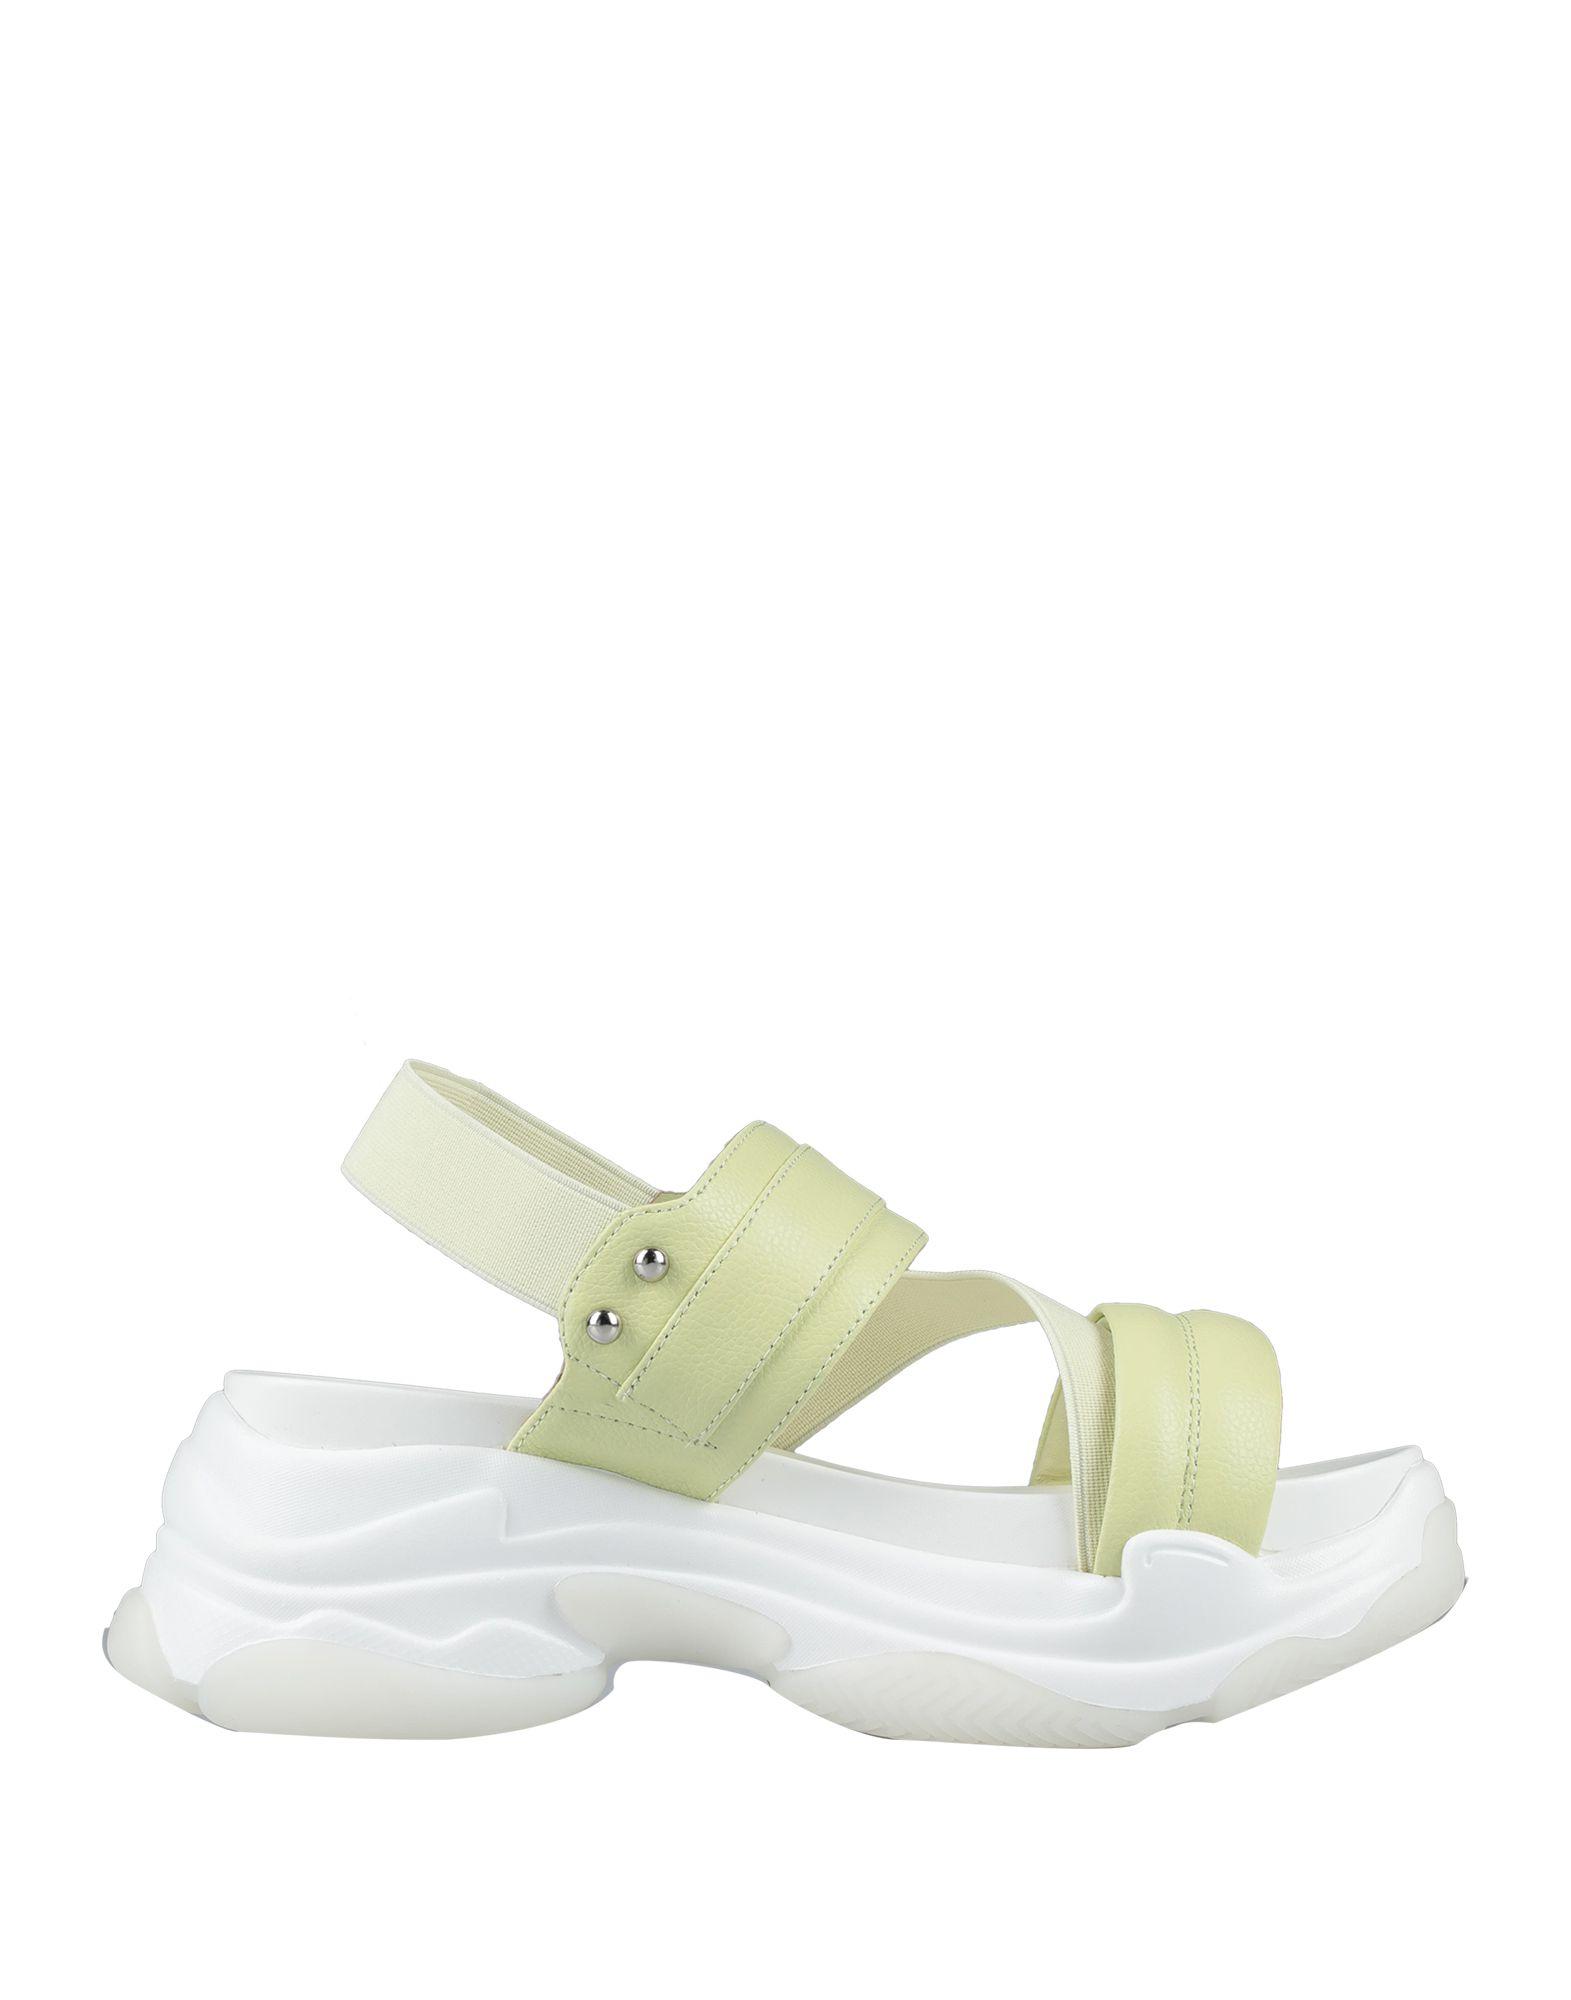 《セール開催中》RITA CORAZZA レディース サンダル ライトグリーン 37 革 / 指定外繊維(その他伸縮性繊維)